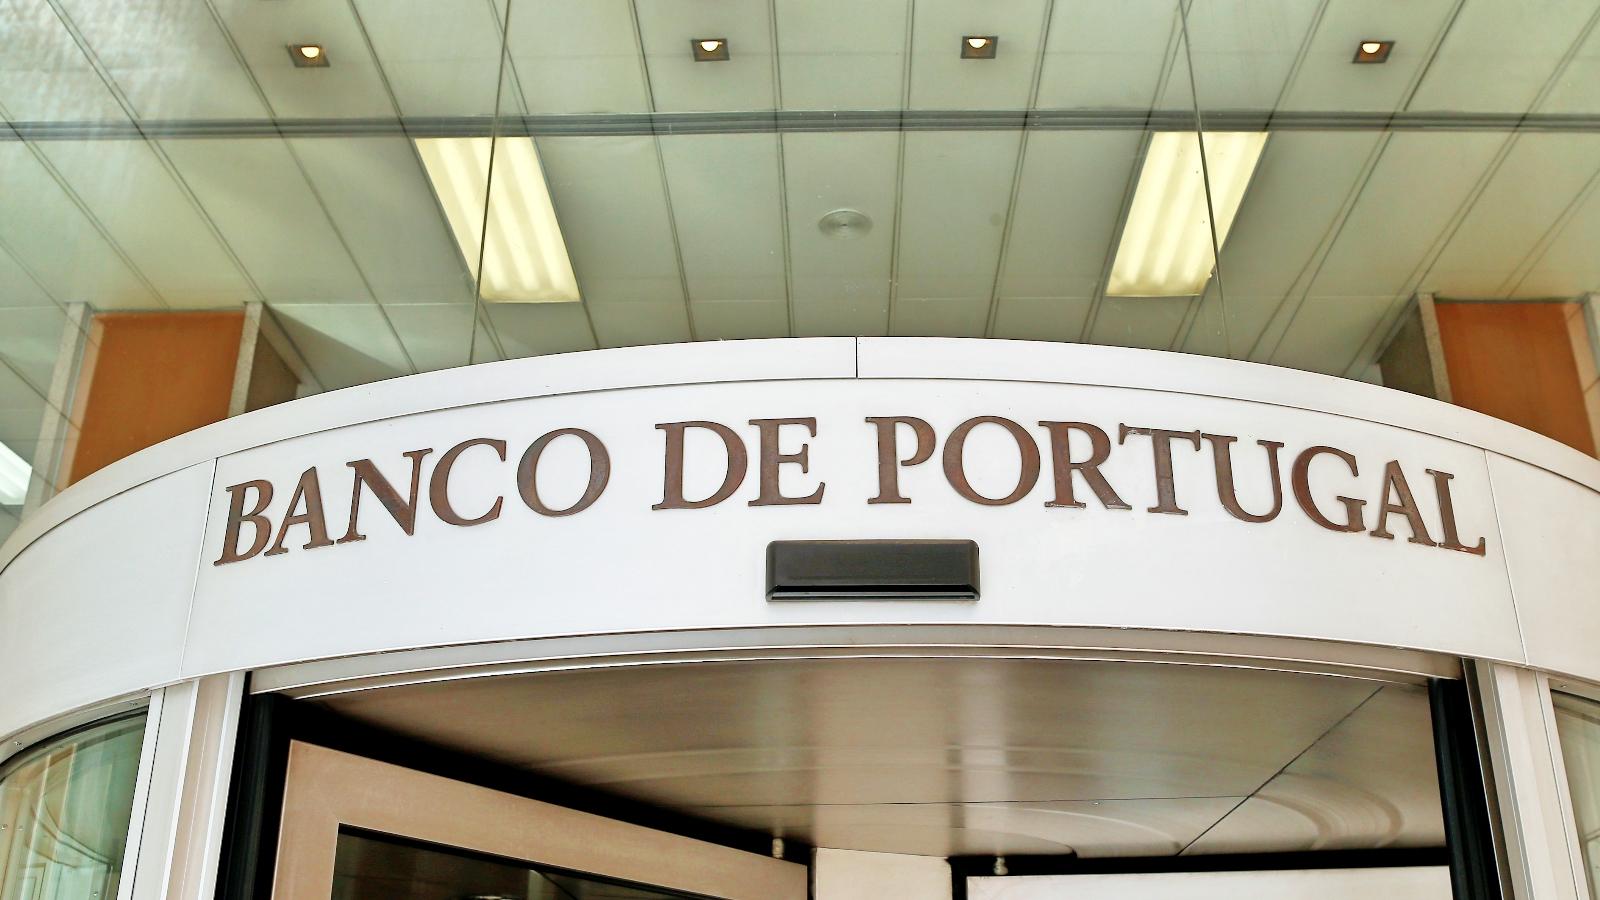 Banco de Portugal publica Instrução sobre fatores de risco de branqueamento de capitais e financiamento do terrorismo